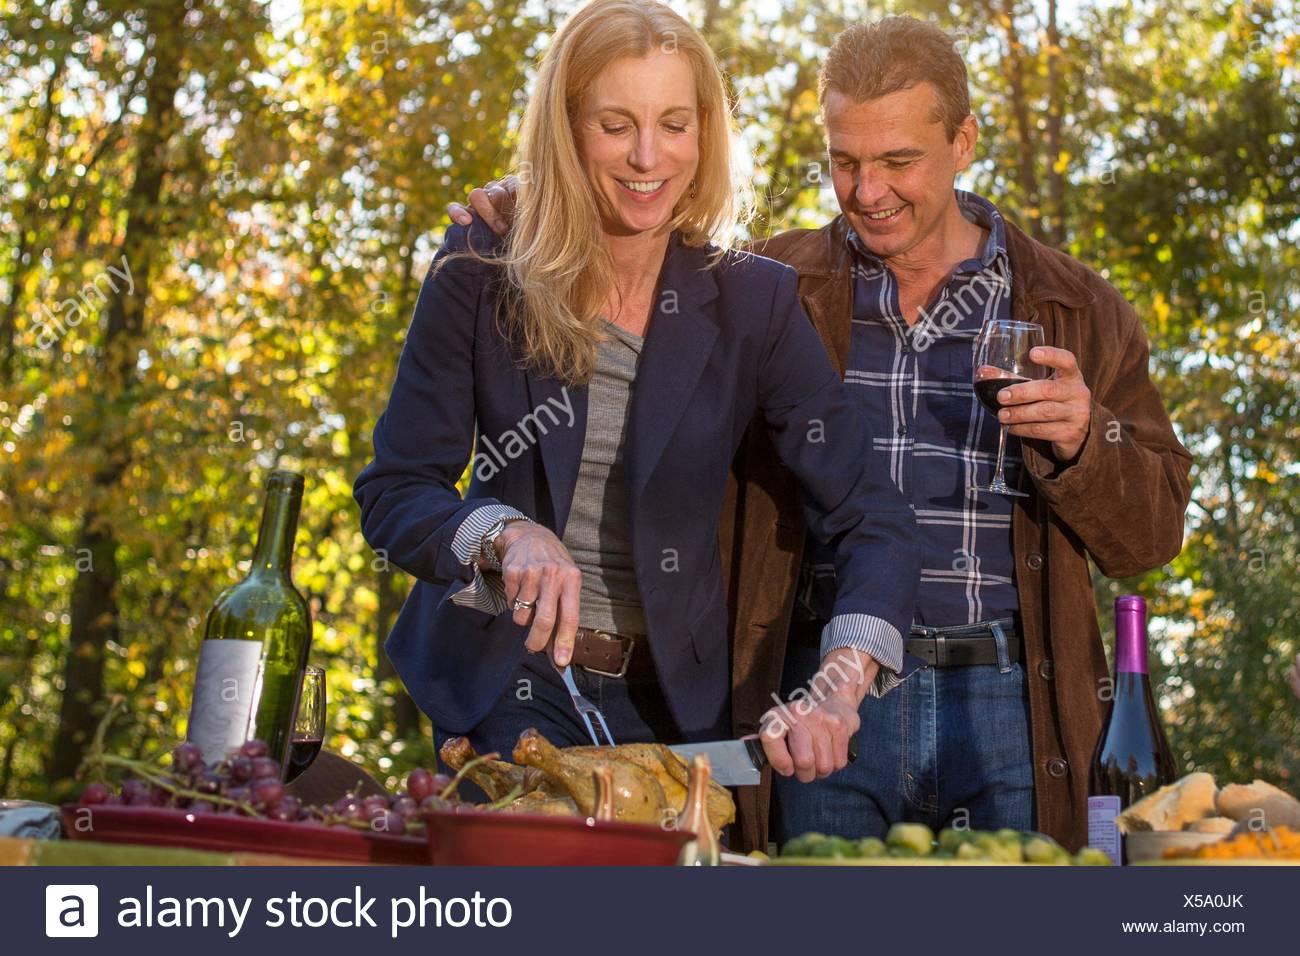 Coppia matura carving pollo arrosto al garden dinner party Immagini Stock